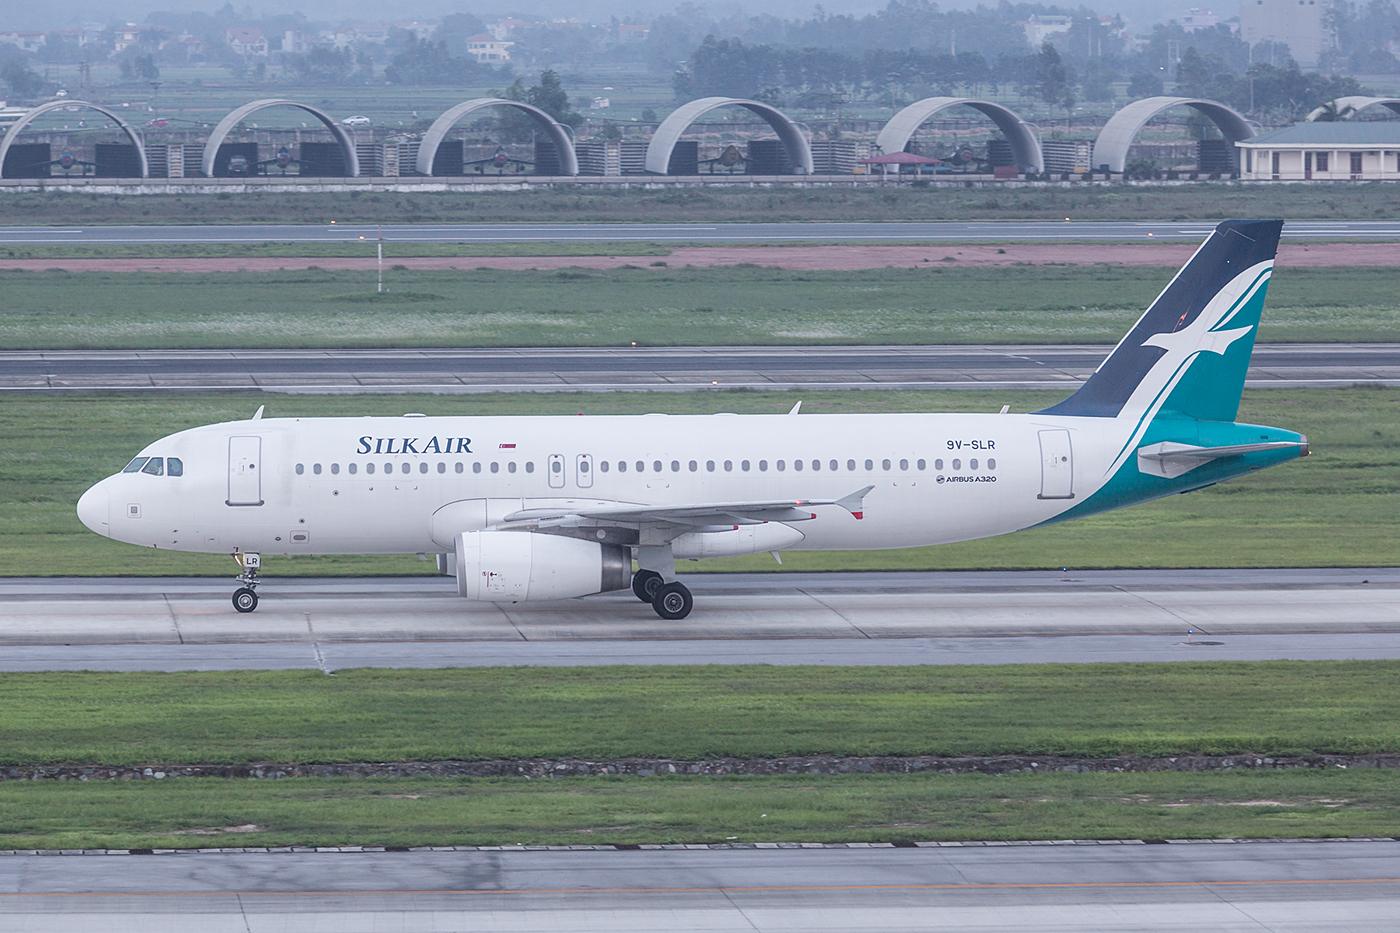 Im letzten Licht kurz vor Sonnenuntergang kam diese mittlerweile seltene A320 der Silkair.